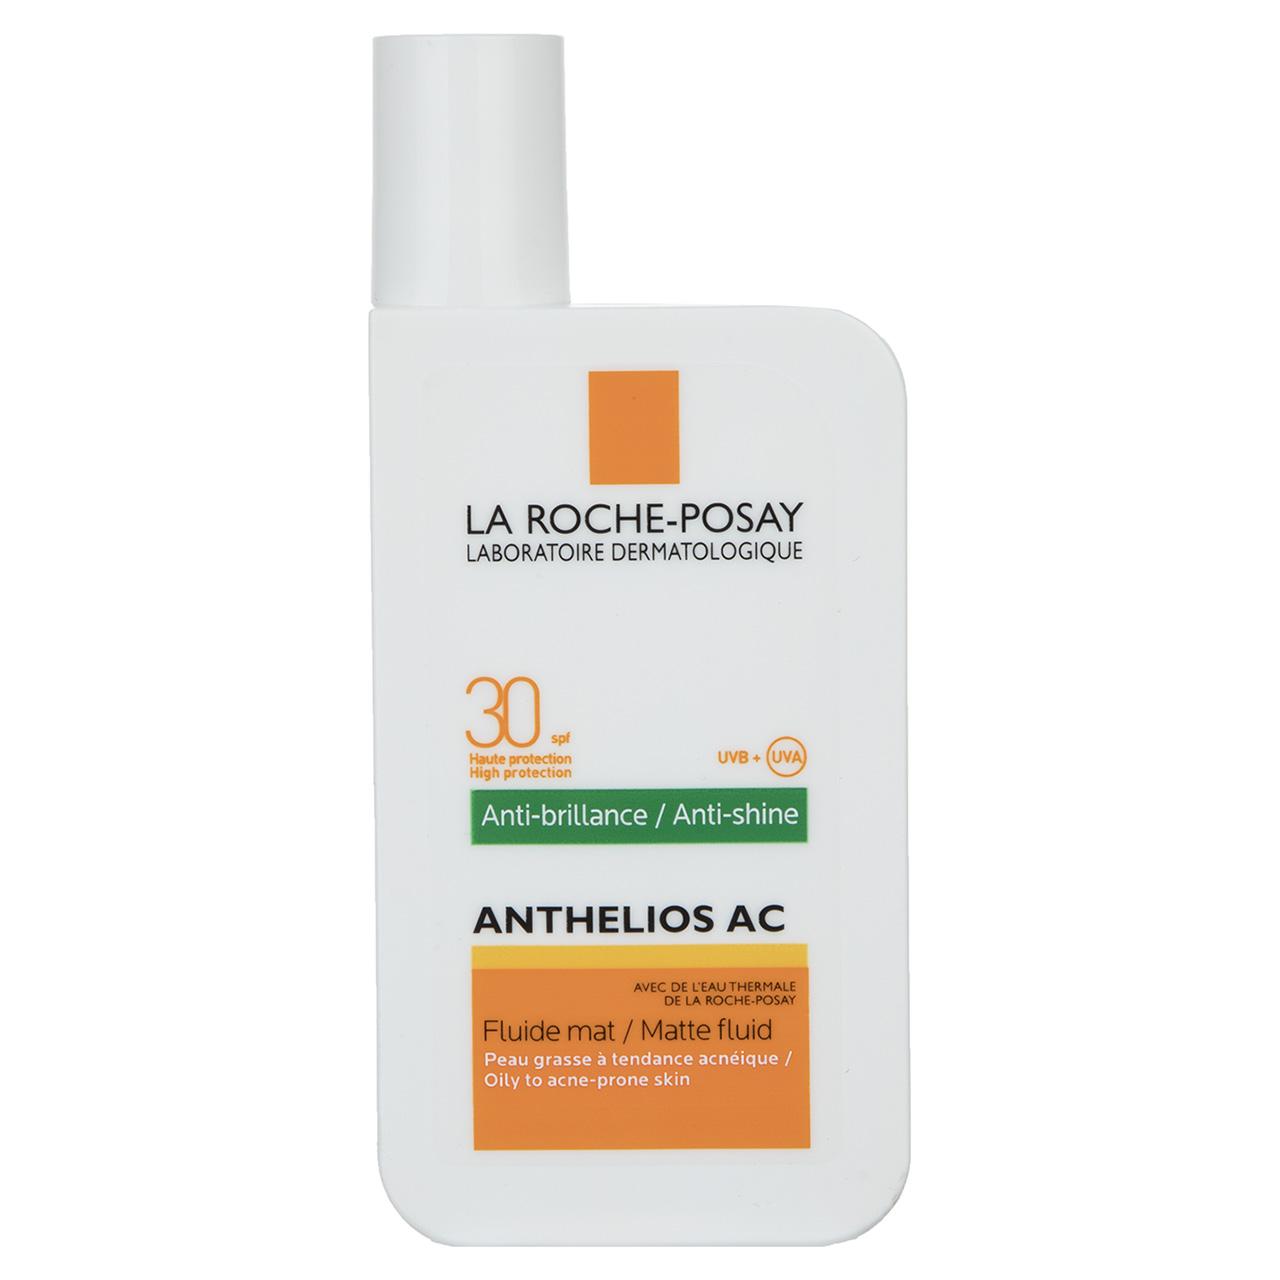 قیمت کرم ضد آفتاب لاروش پوزای مدل Anti Shine AC حجم 50 میلی لیتر